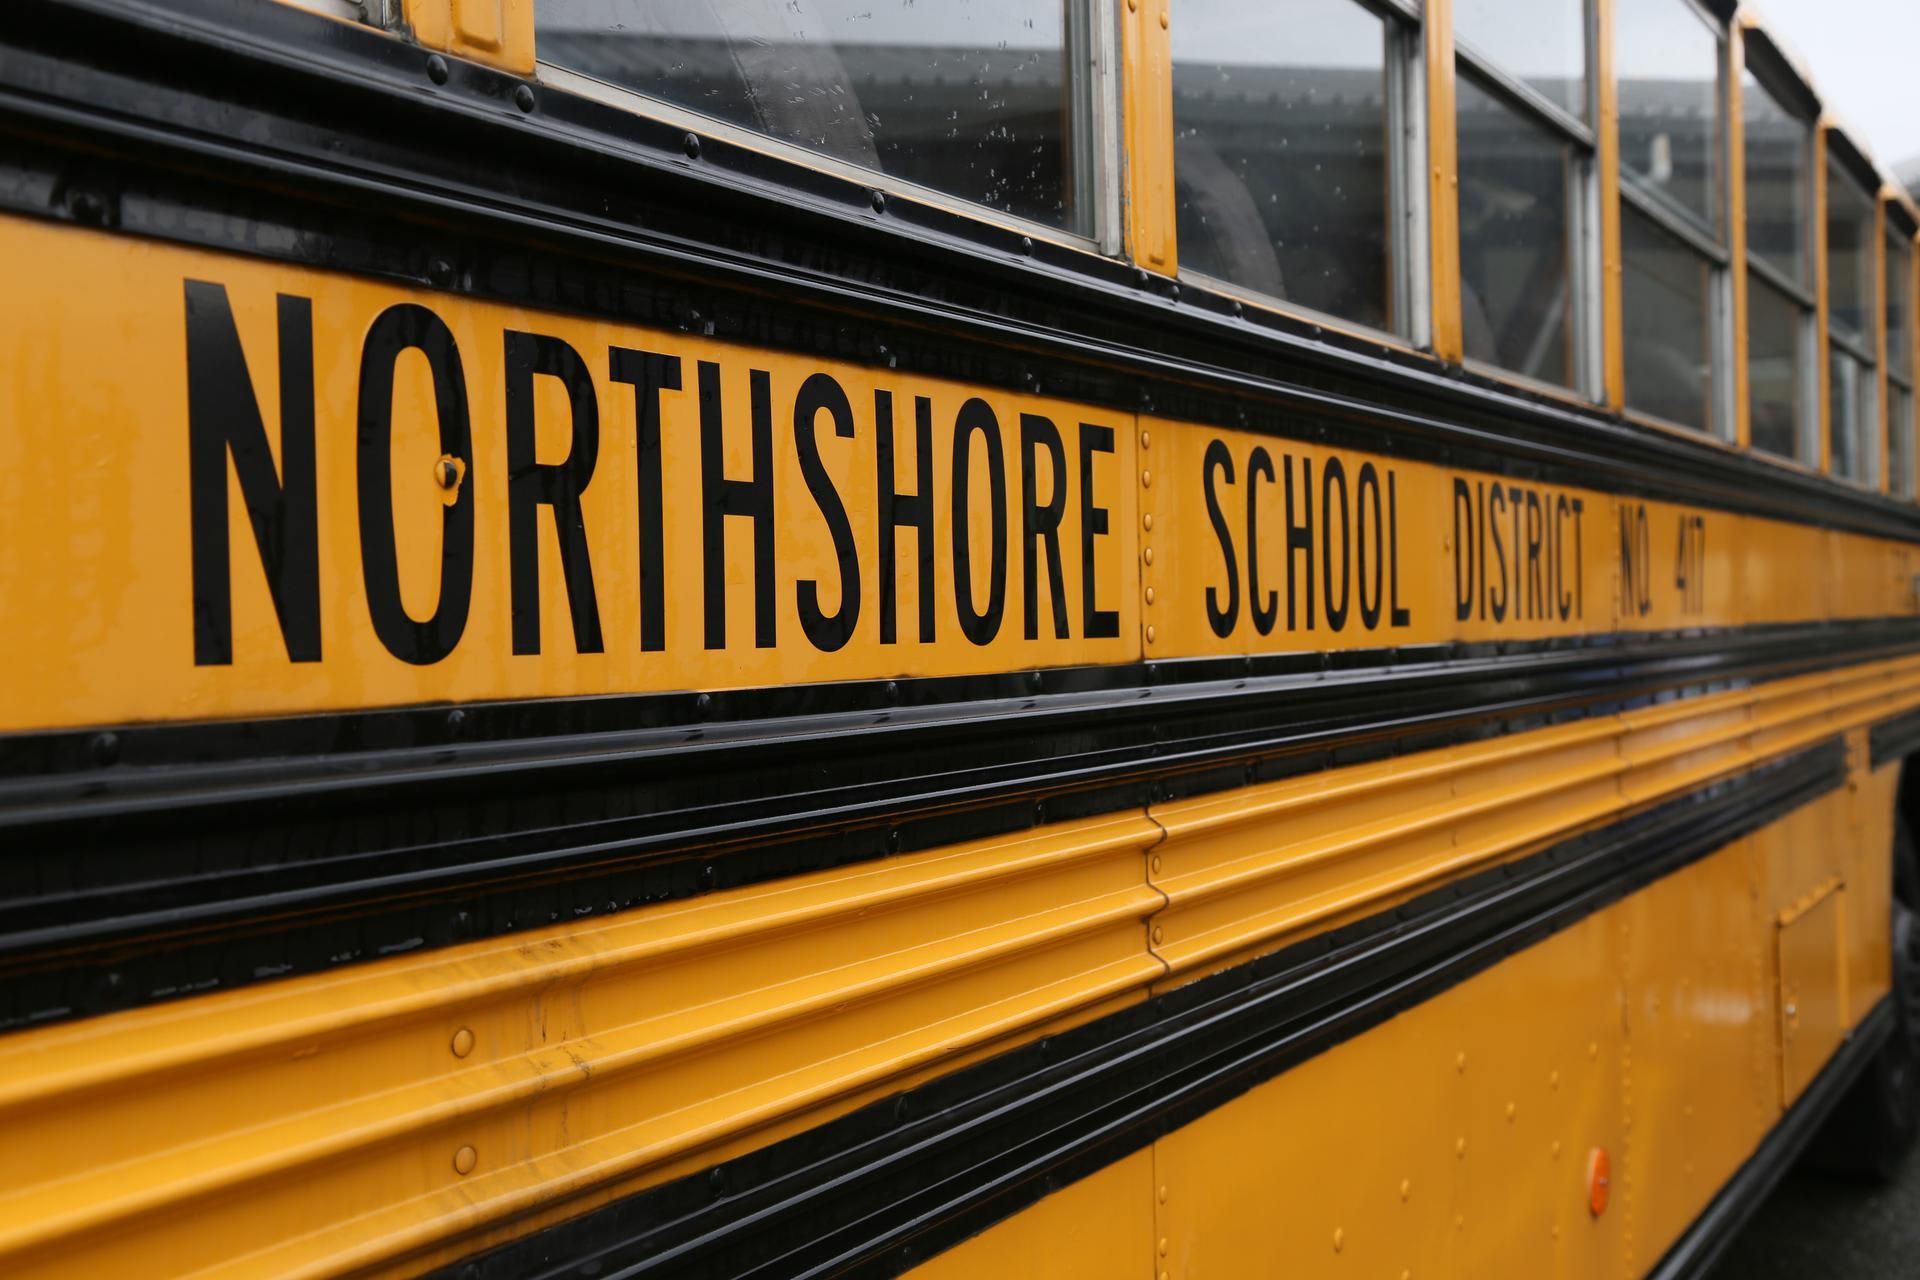 Northshore School Bus